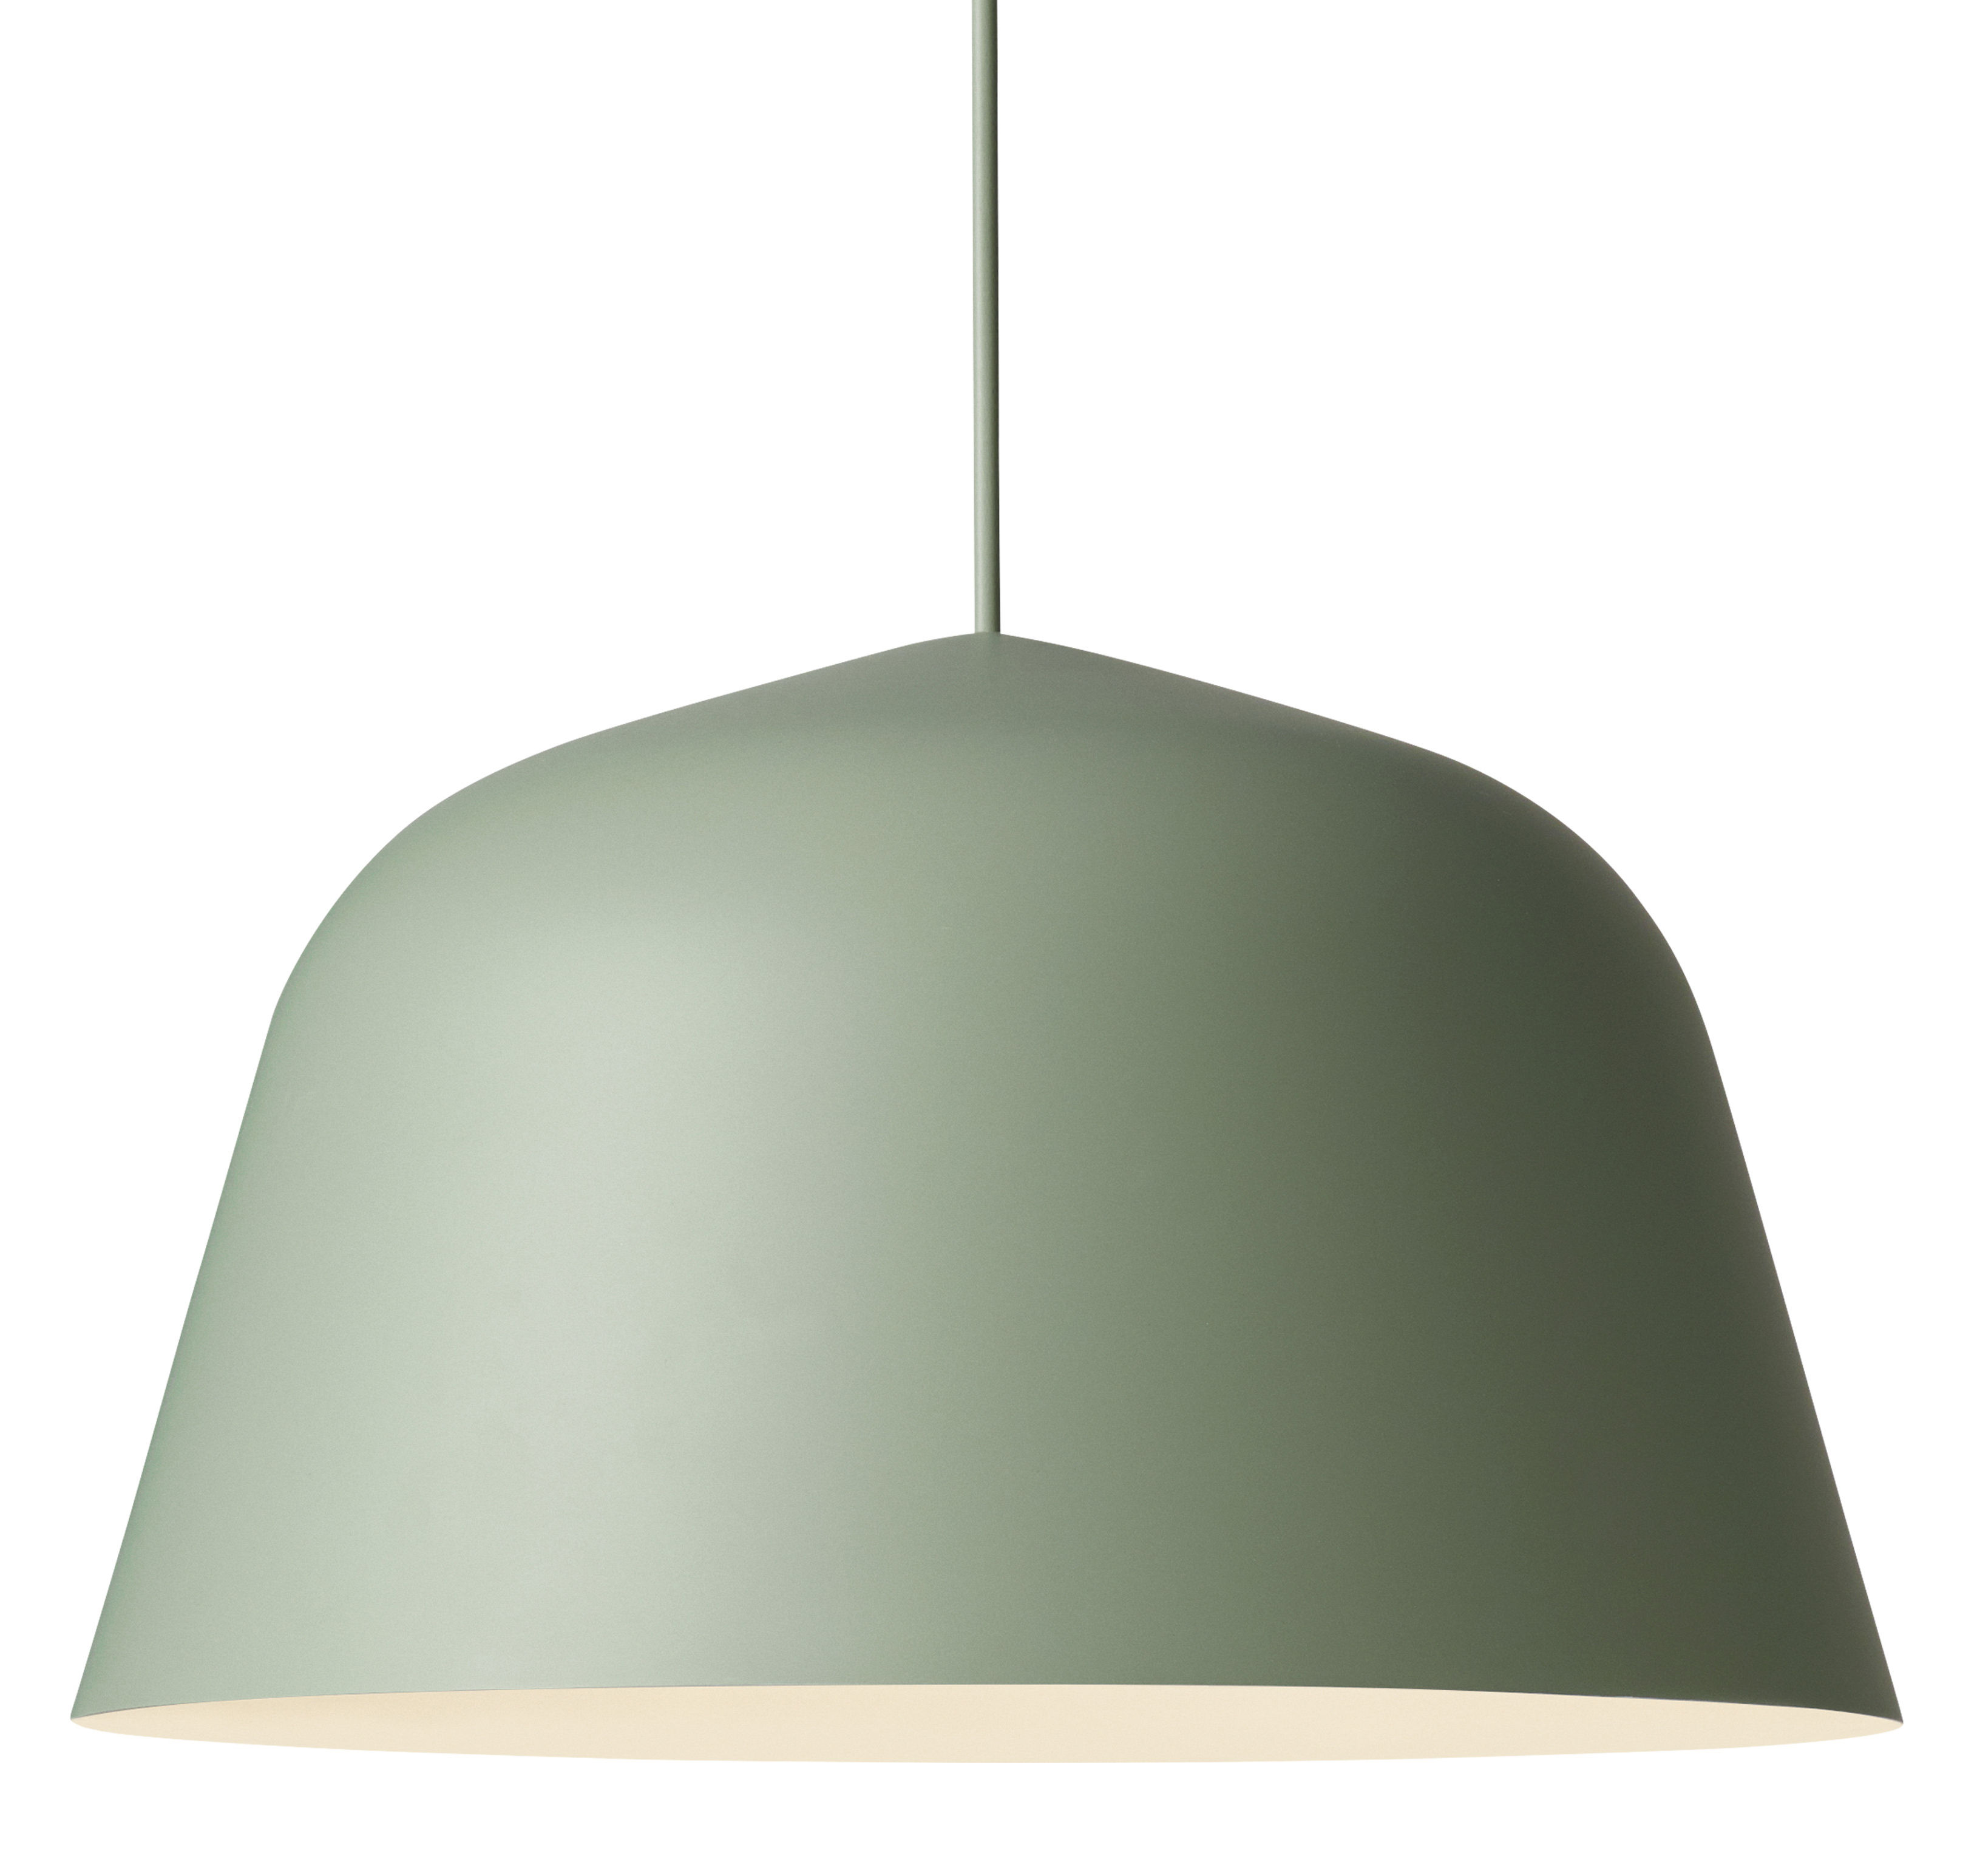 Luminaire - Suspensions - Suspension Ambit / Ø 40 cm - Muuto - Vert - Aluminium, Tissu